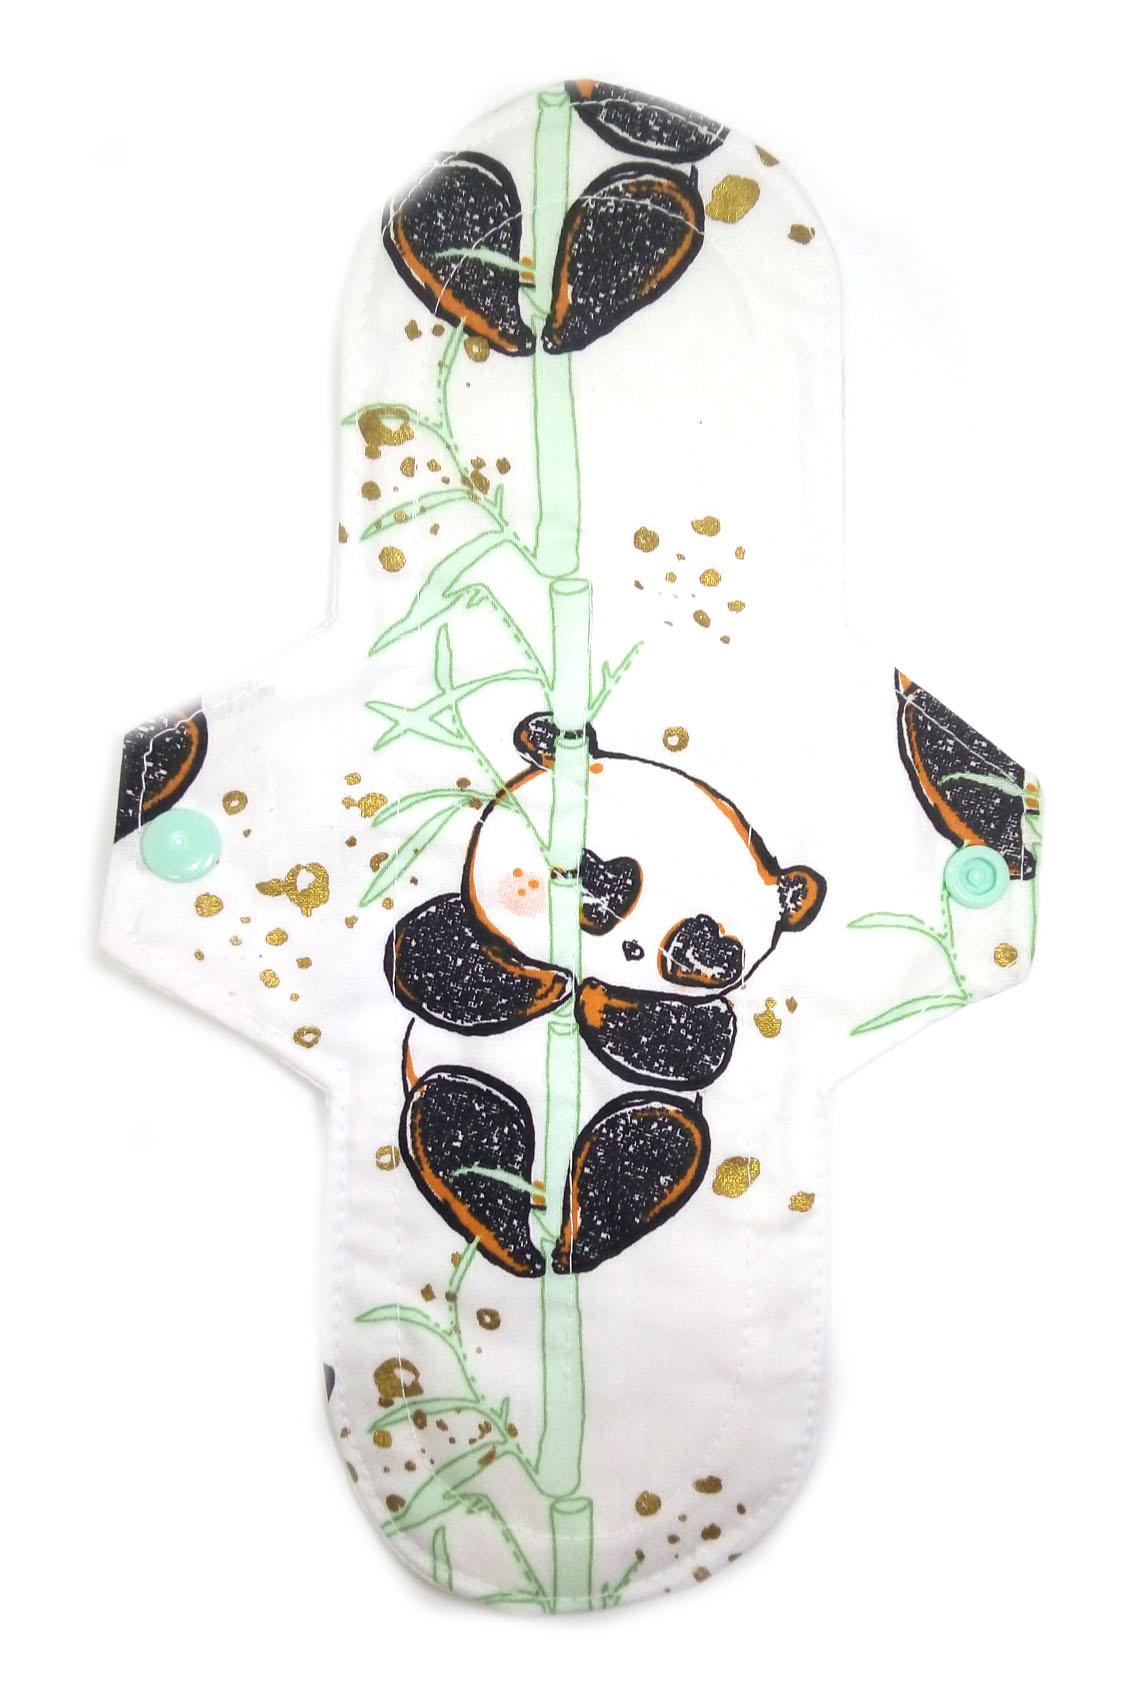 Pamut-Normál EÜ betét | 25 cm | 2 Rétegű | mintás